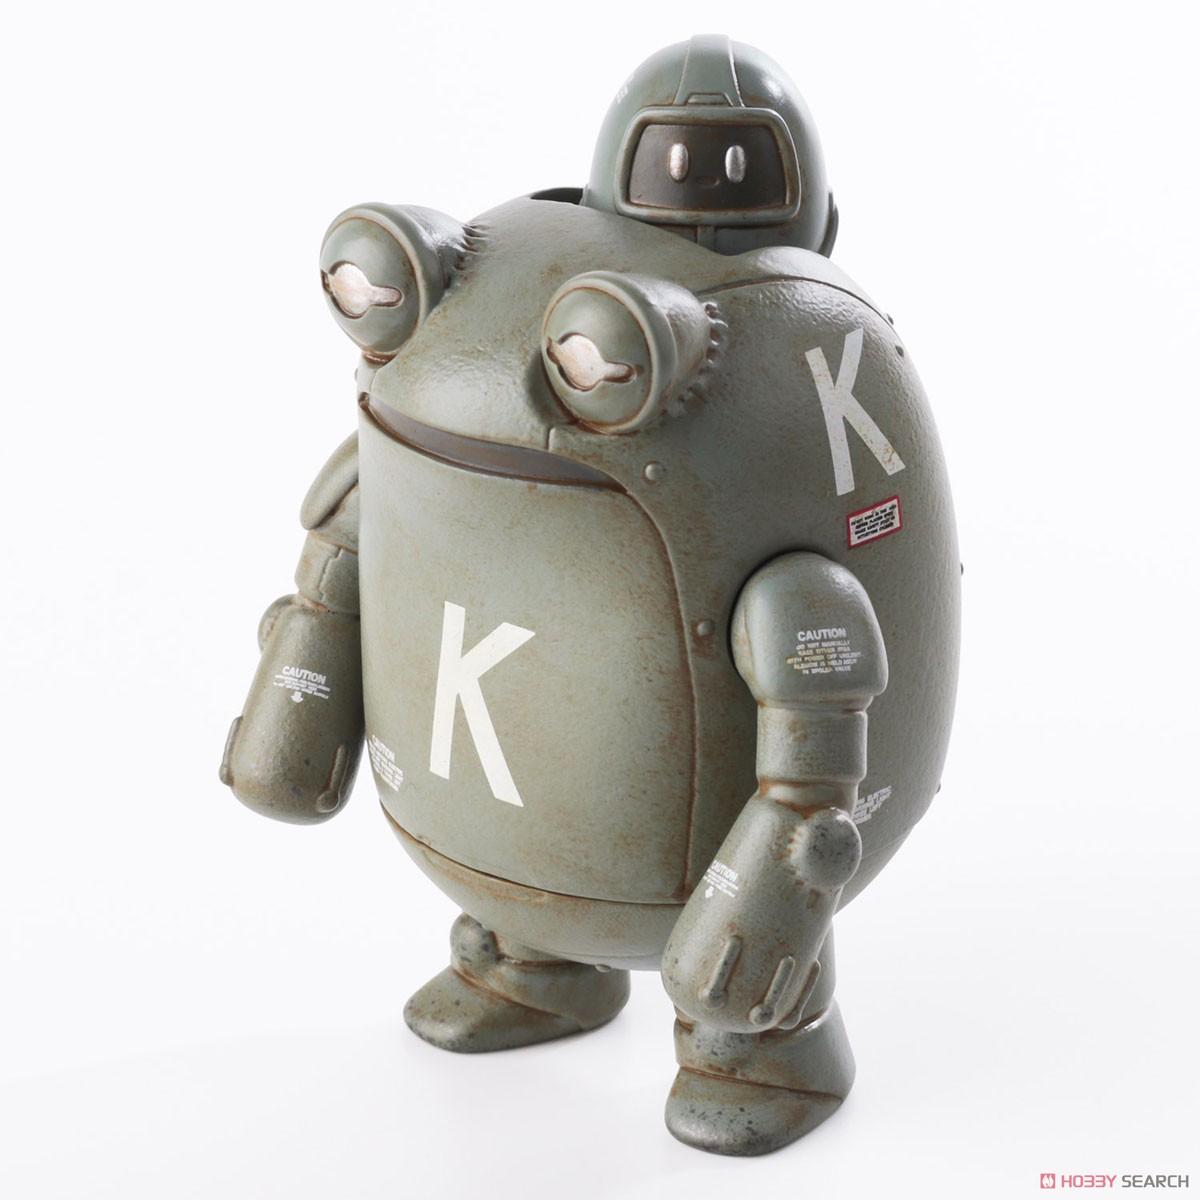 ケローネン『ケロス』ソフビフィギュア-001